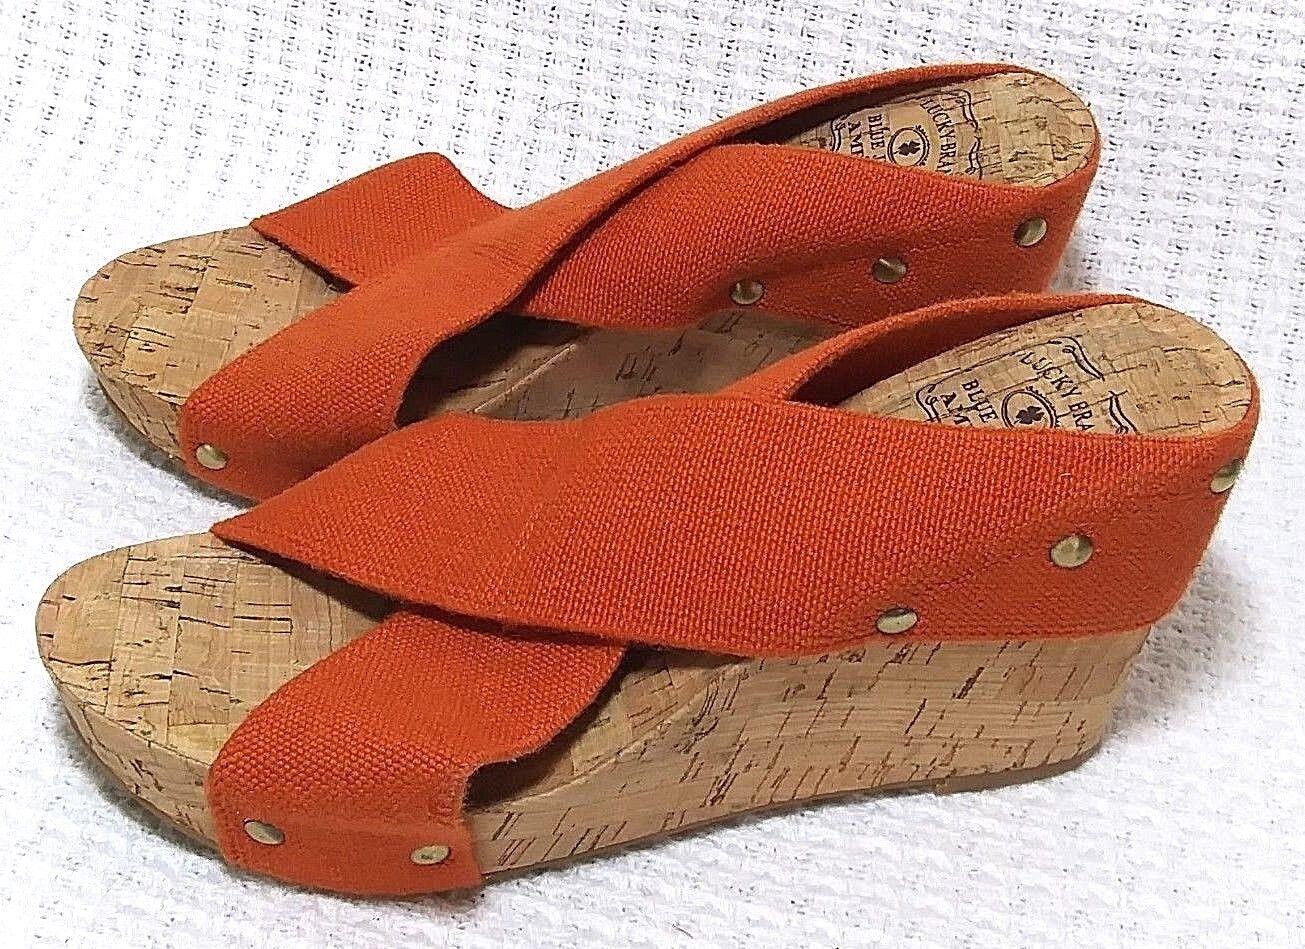 Lucky Lucky Lucky Brand Talla 6.5 Sandalia De Cuña Zapato Abierto Miller corcho naranja Elástico Nuevo EU 36.5  contador genuino